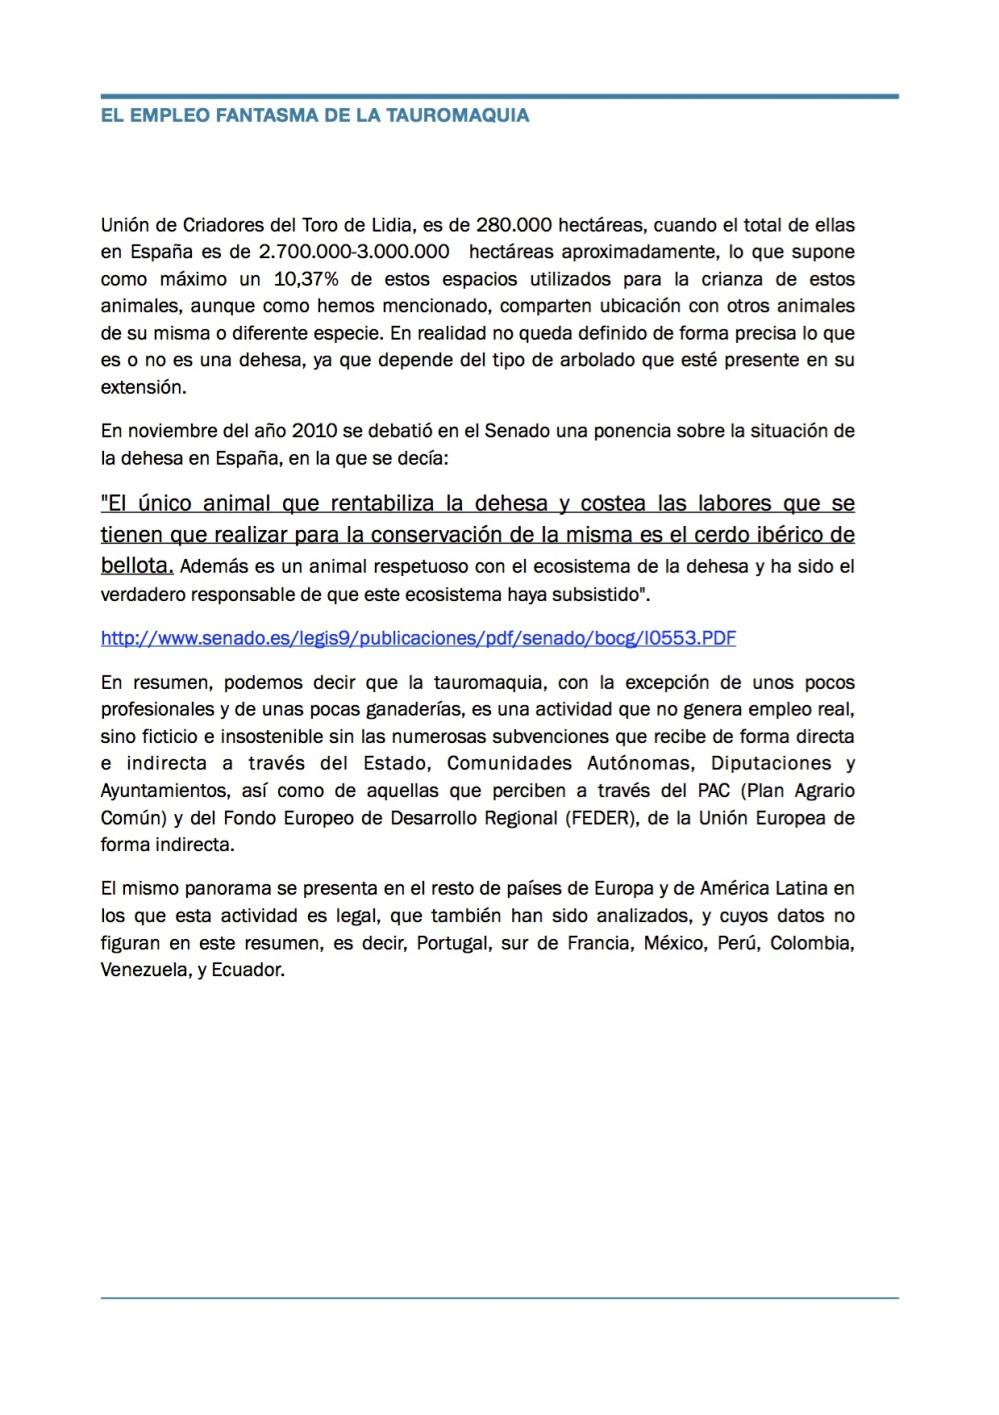 dossierempleoytauromaquia-9